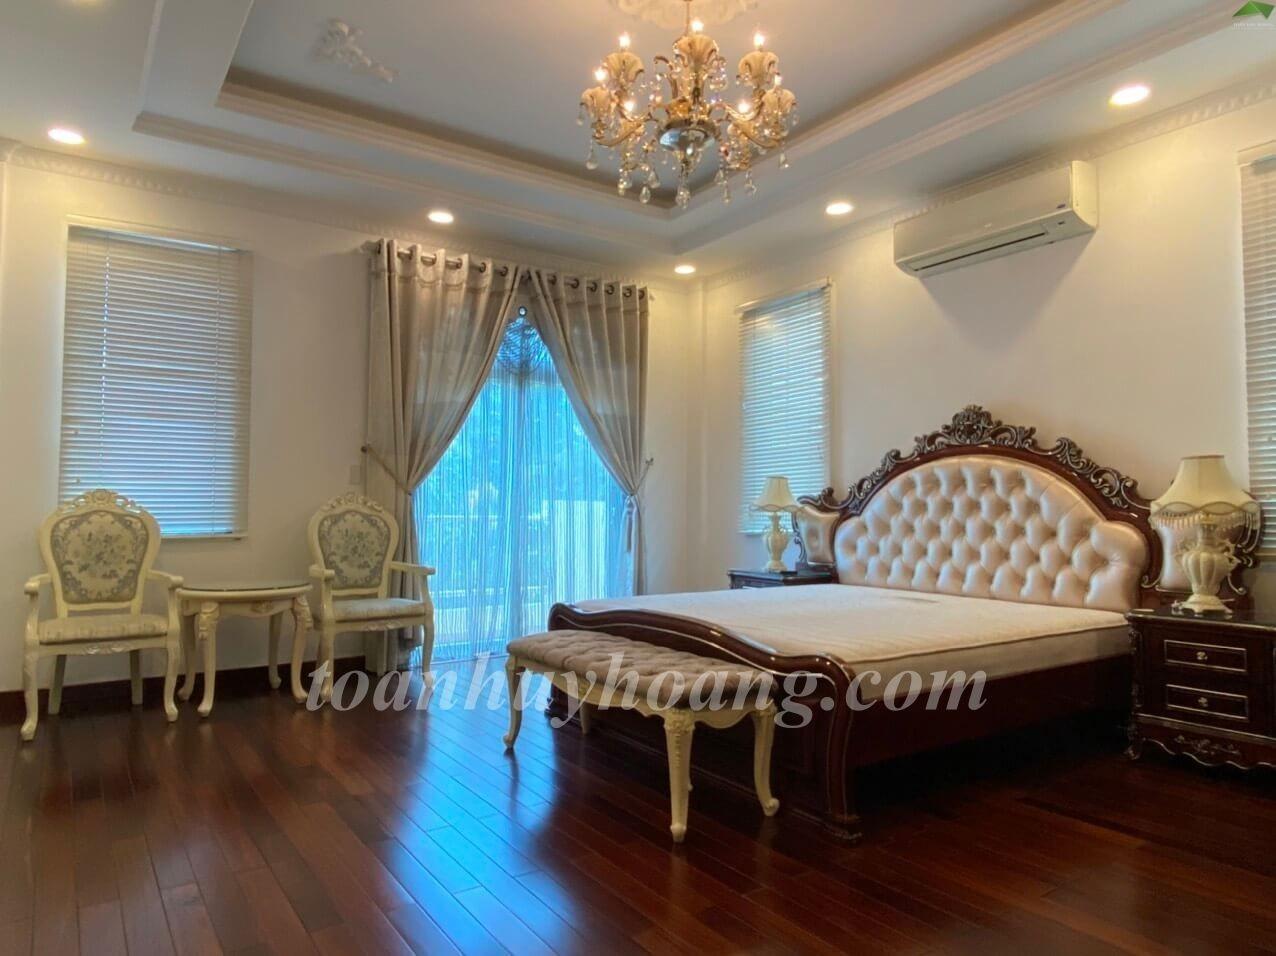 Real Estate Rental Danang